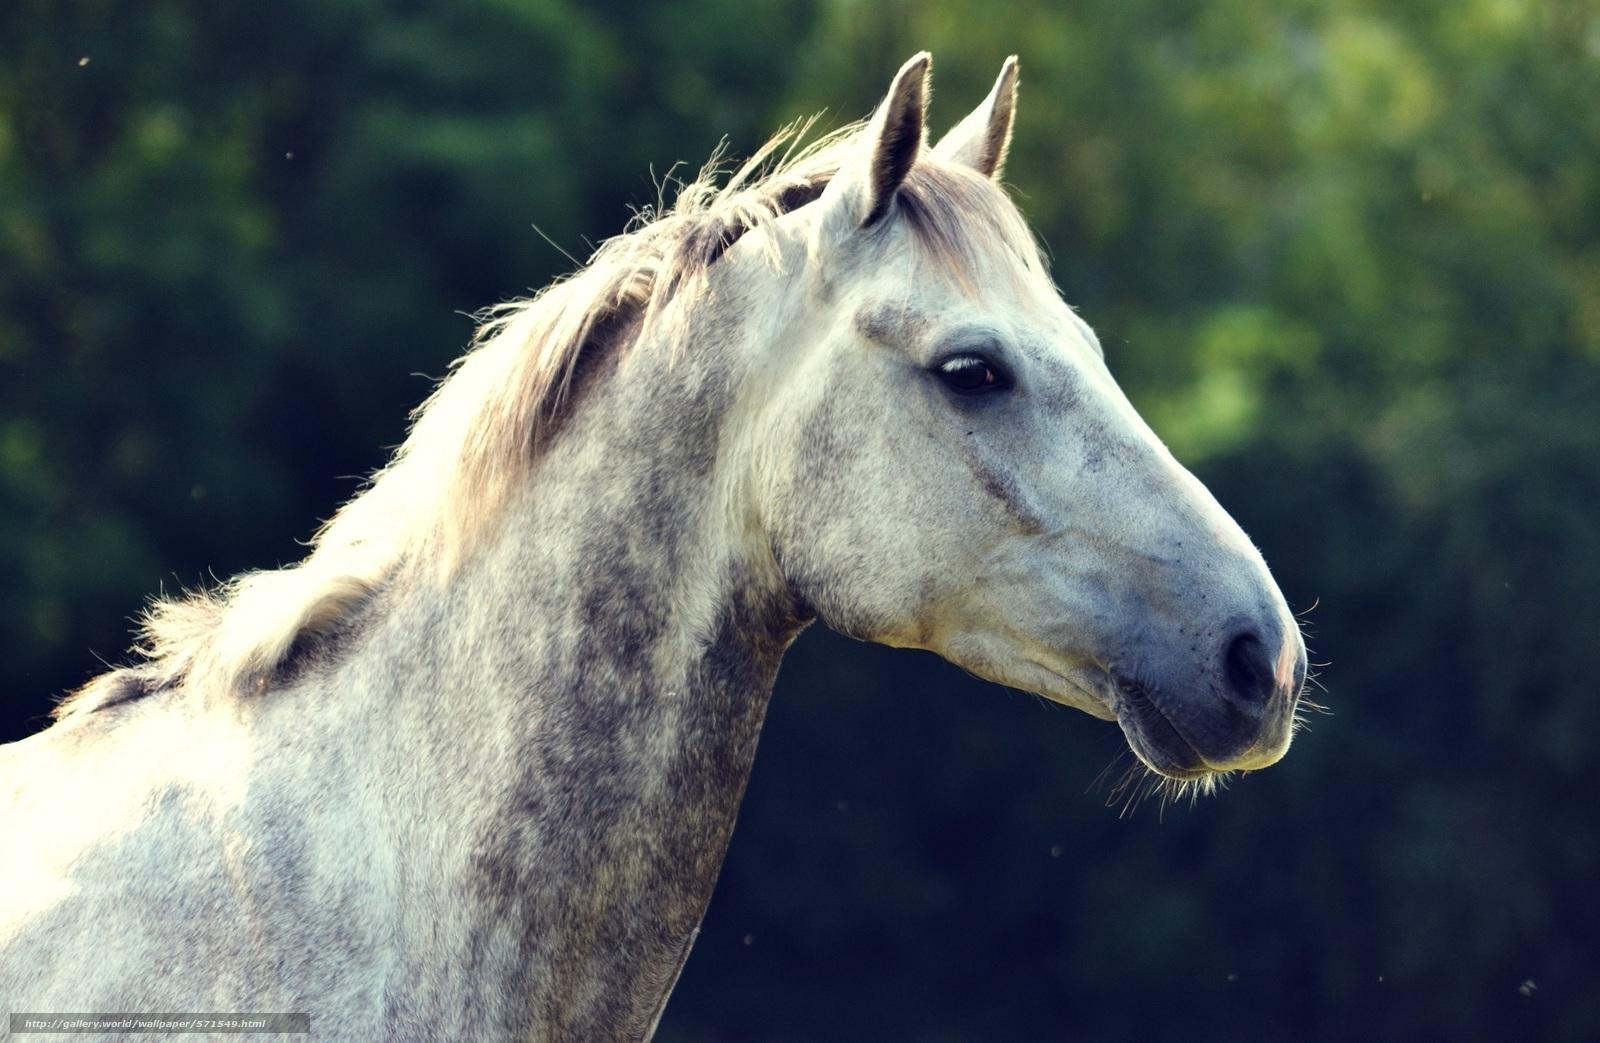 Tlcharger fond d 39 ecran profil griva t te cheval fonds d - Image tete de cheval ...